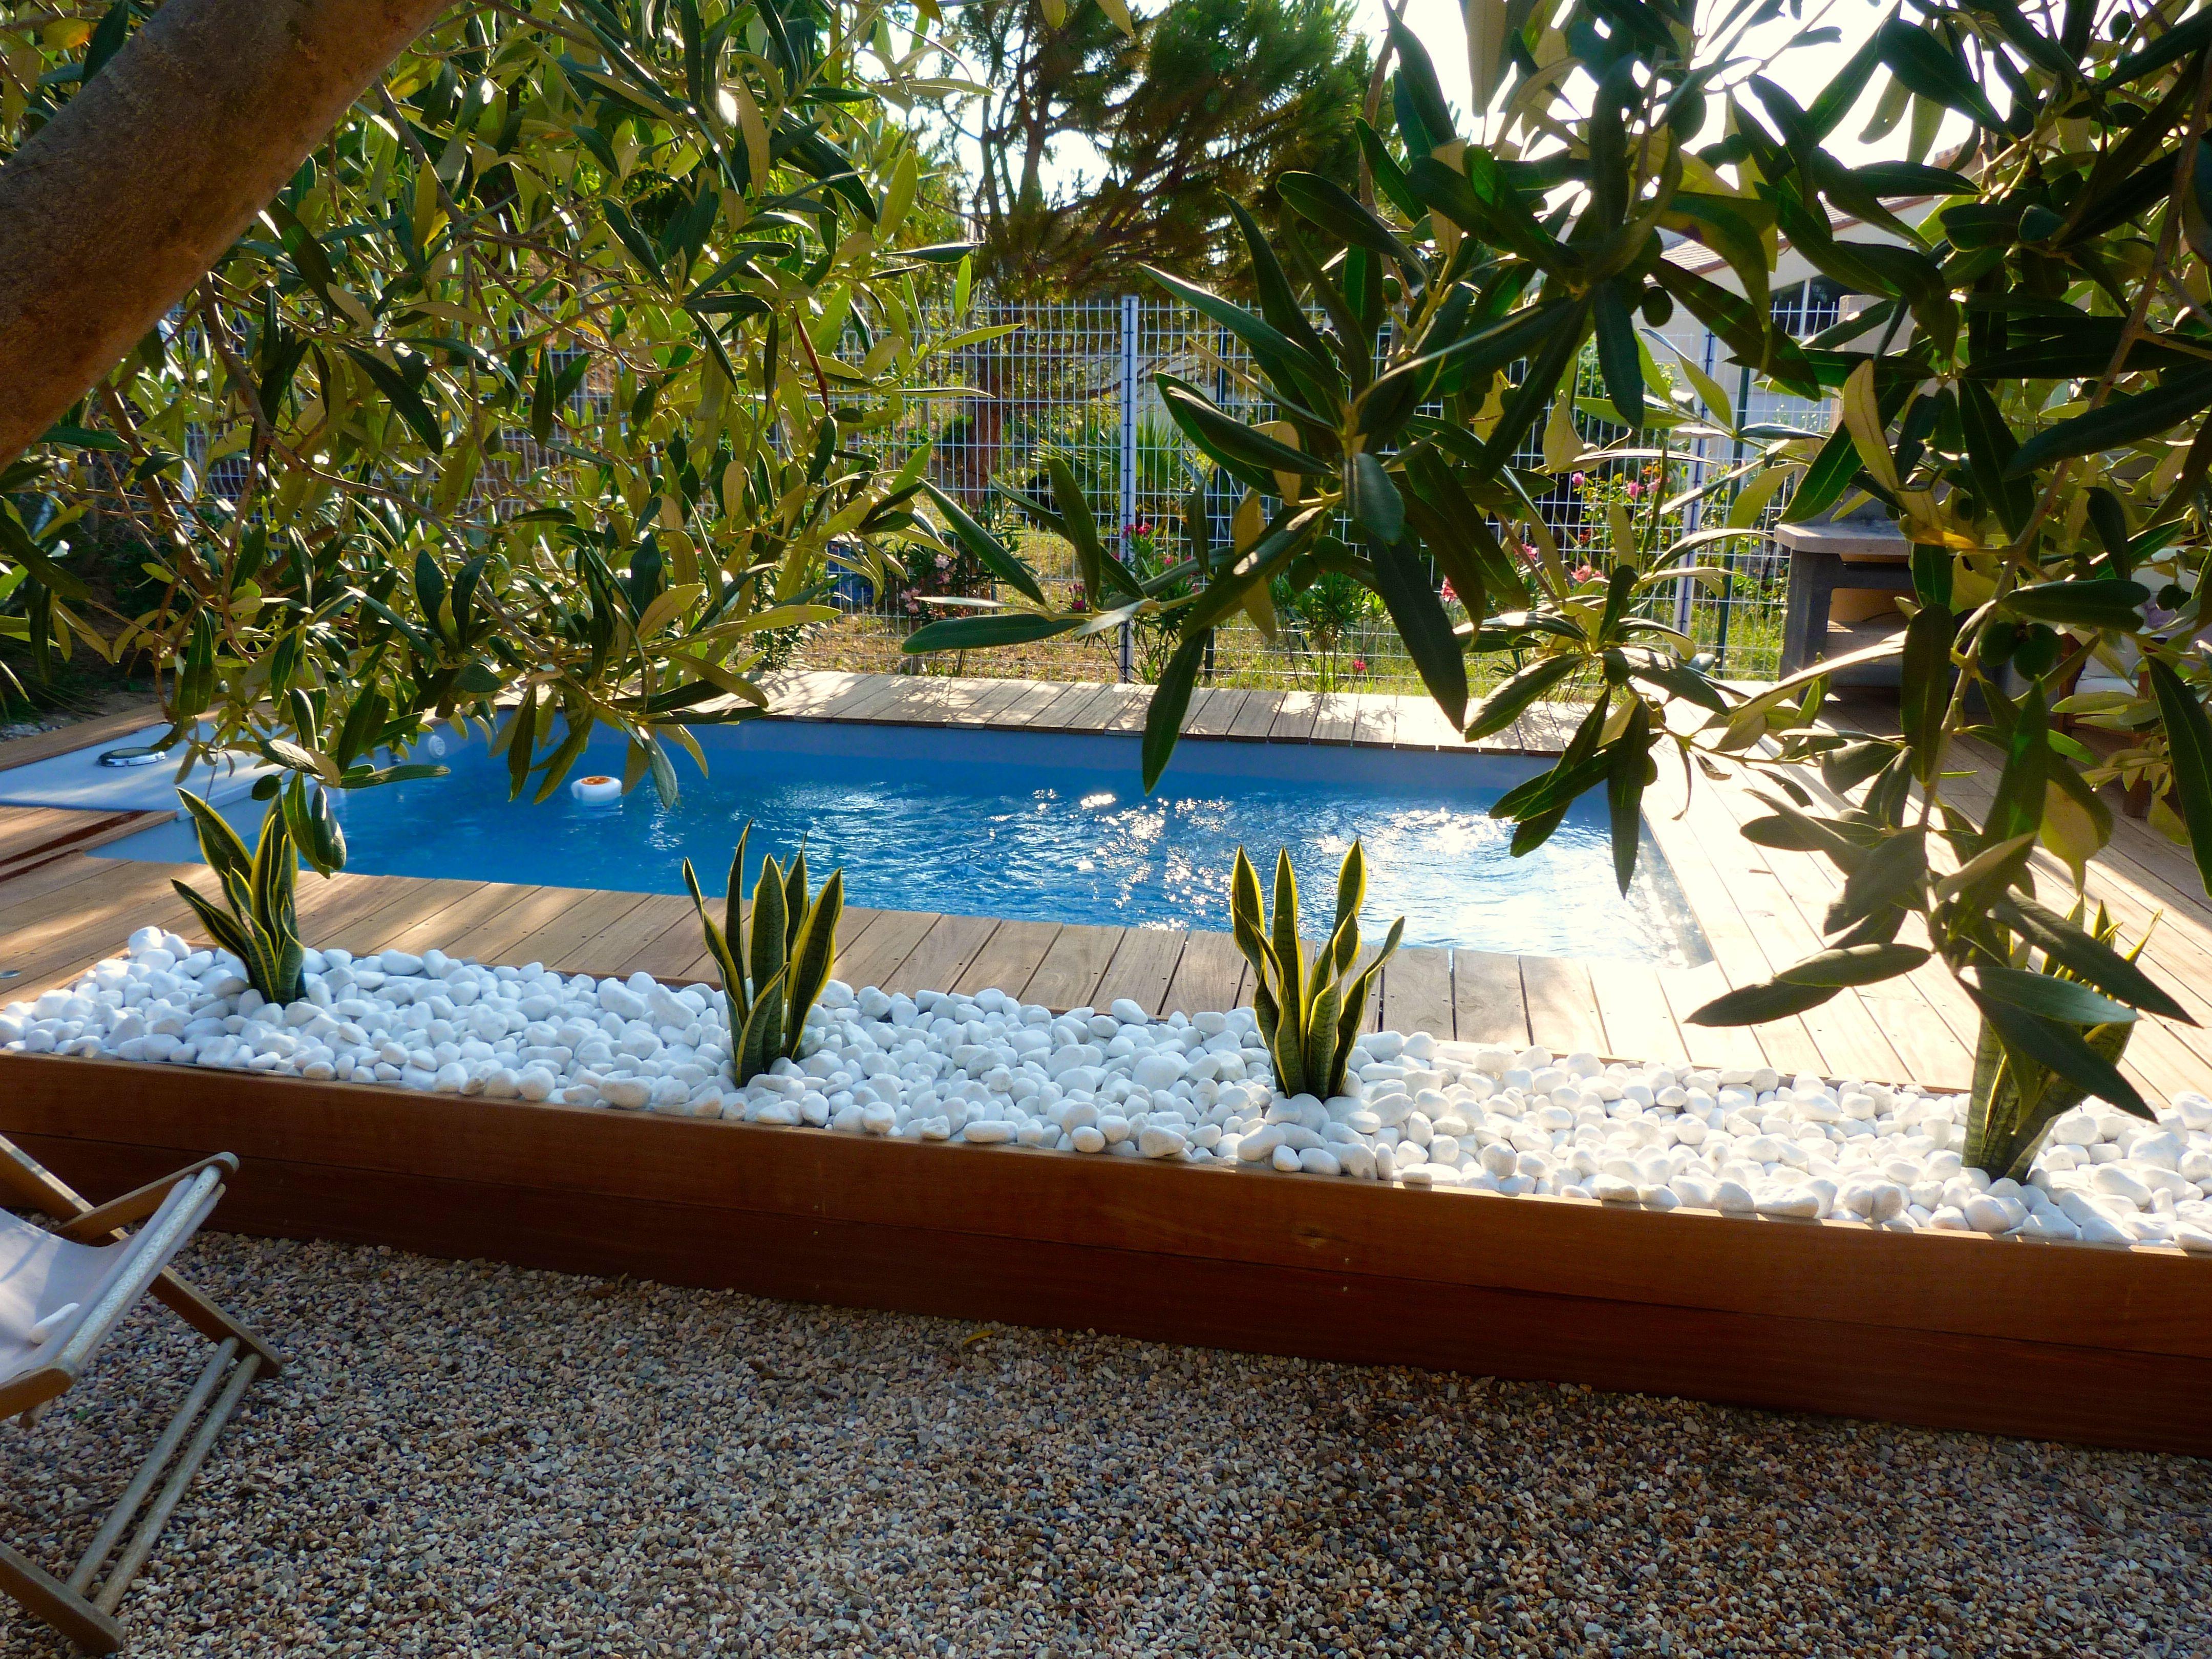 Charmant Jardinière En Bois, Remplie De Graviers Blancs Et Cactus. En Fond Petite  Piscine Coque